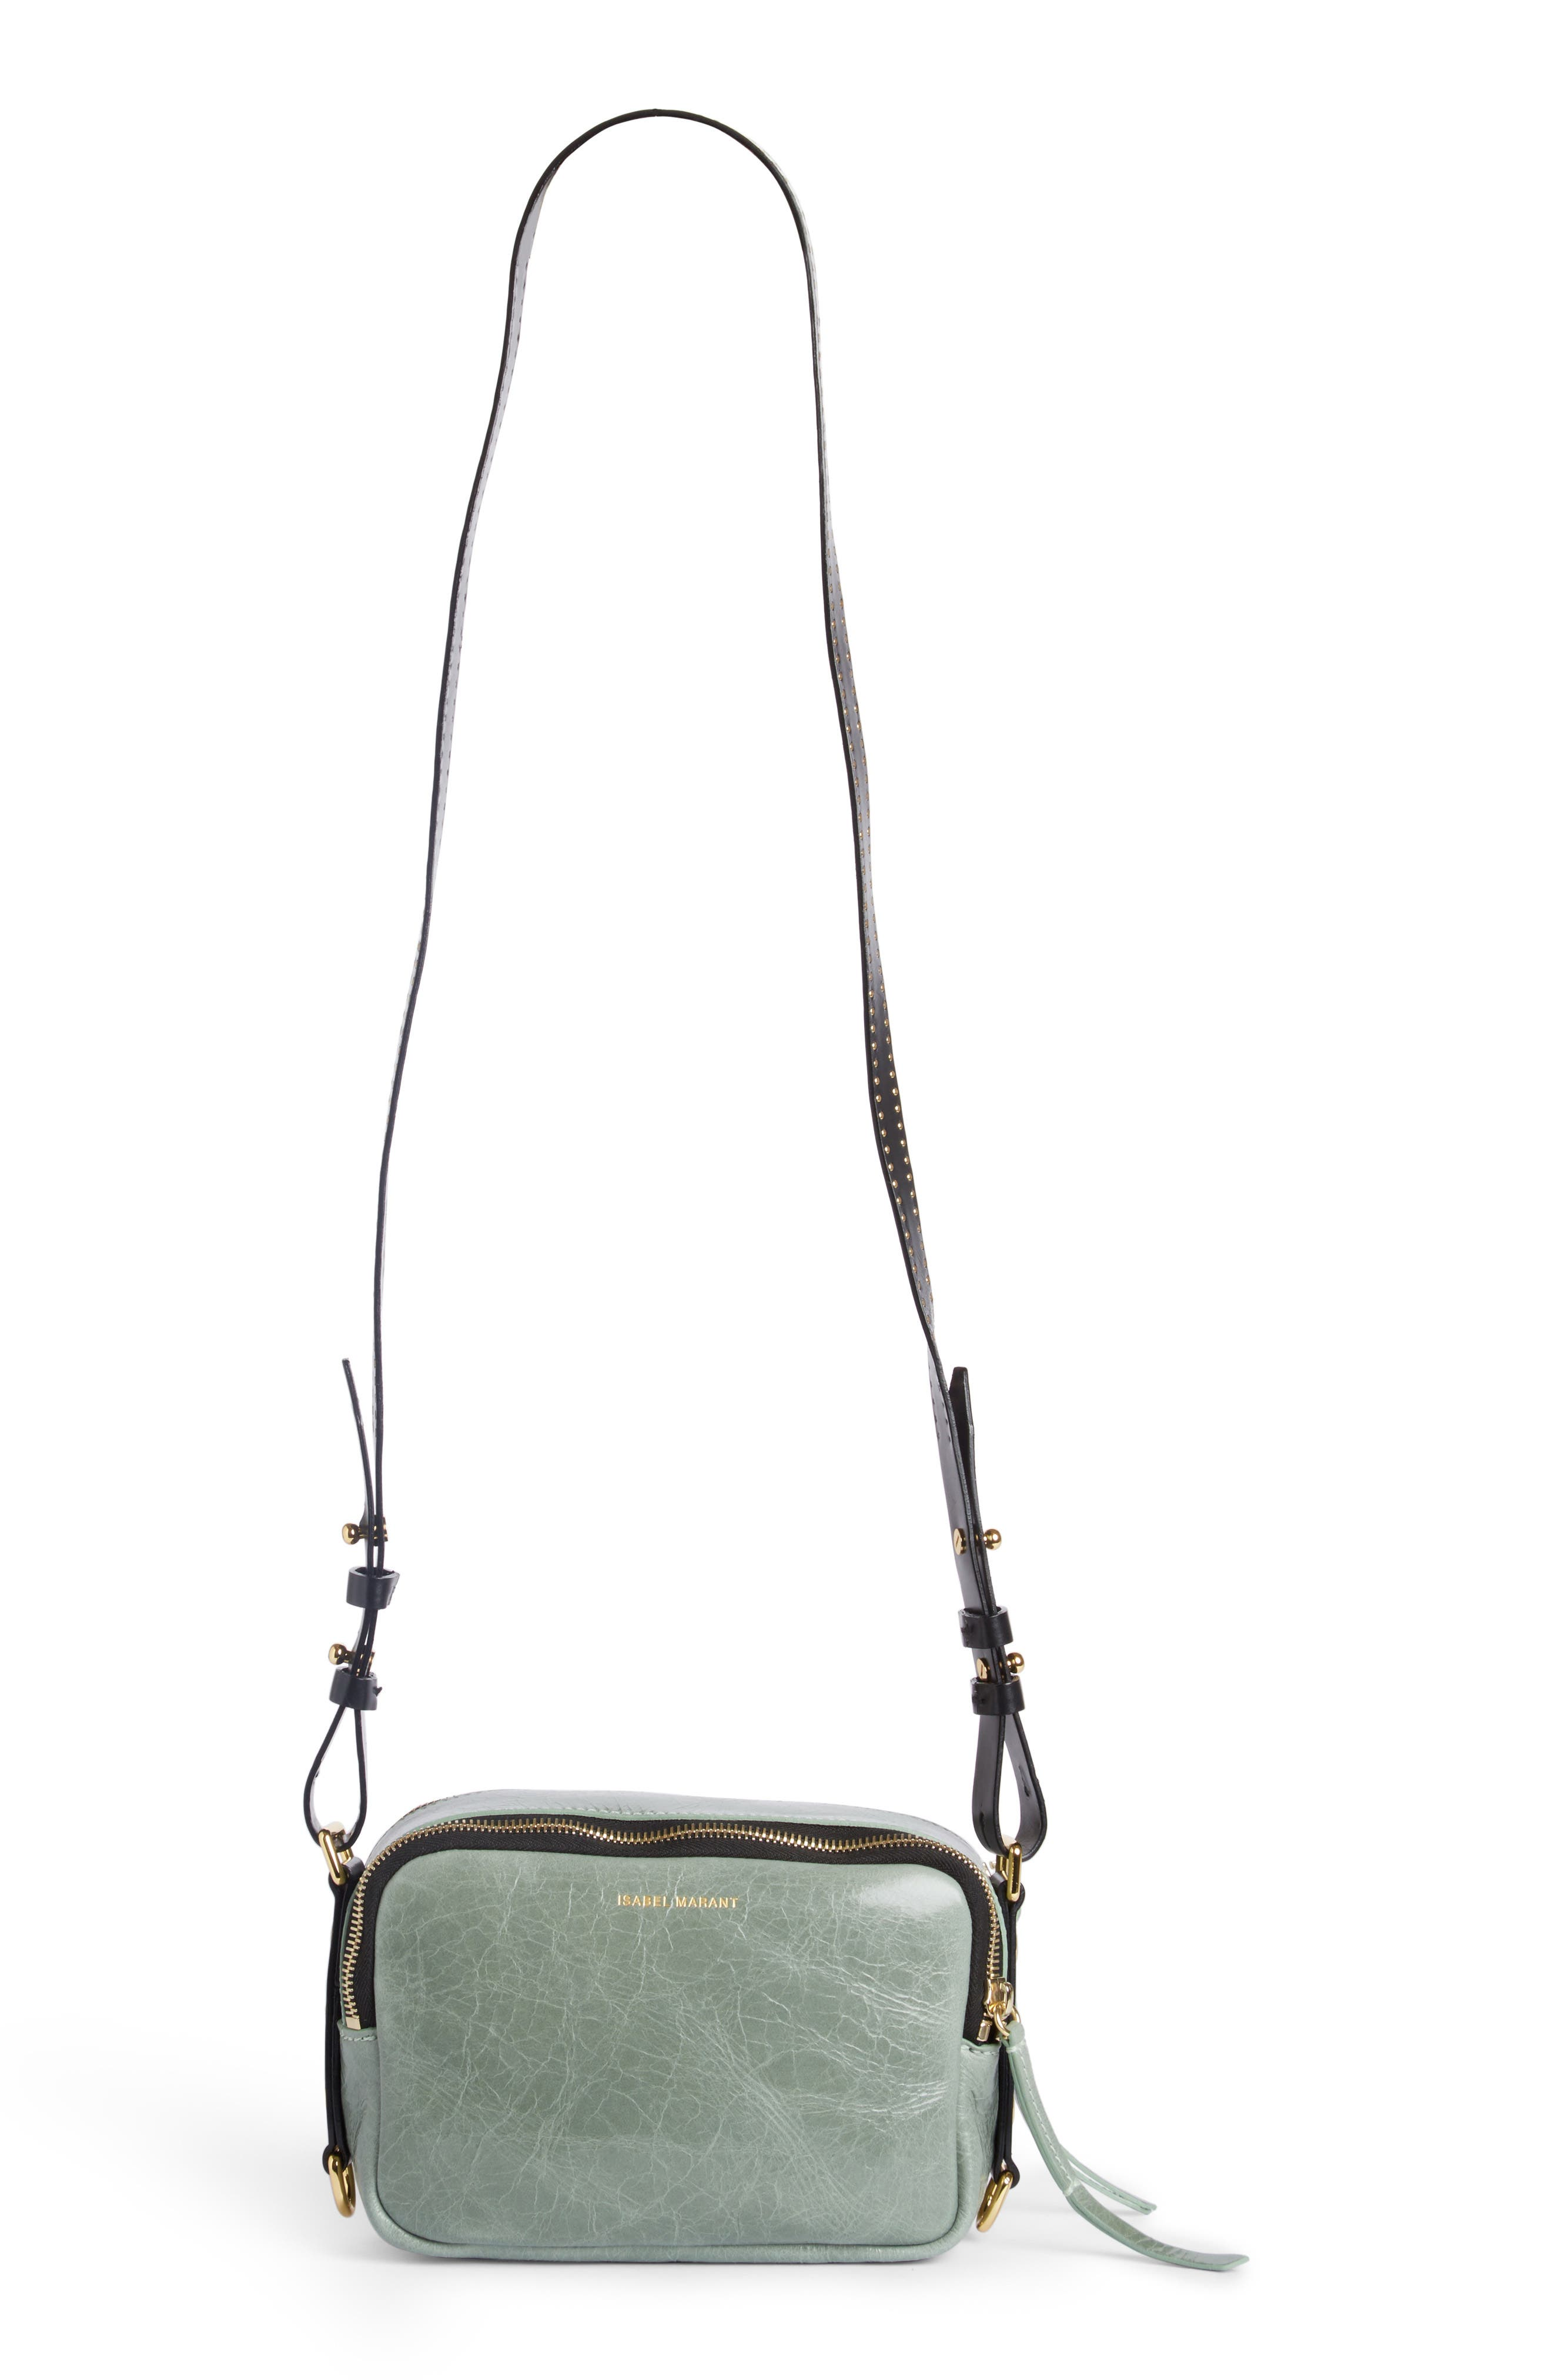 Tinley Studded leather shoulder bag Isabel Marant 100% Authentic Online bsDMTOyocf